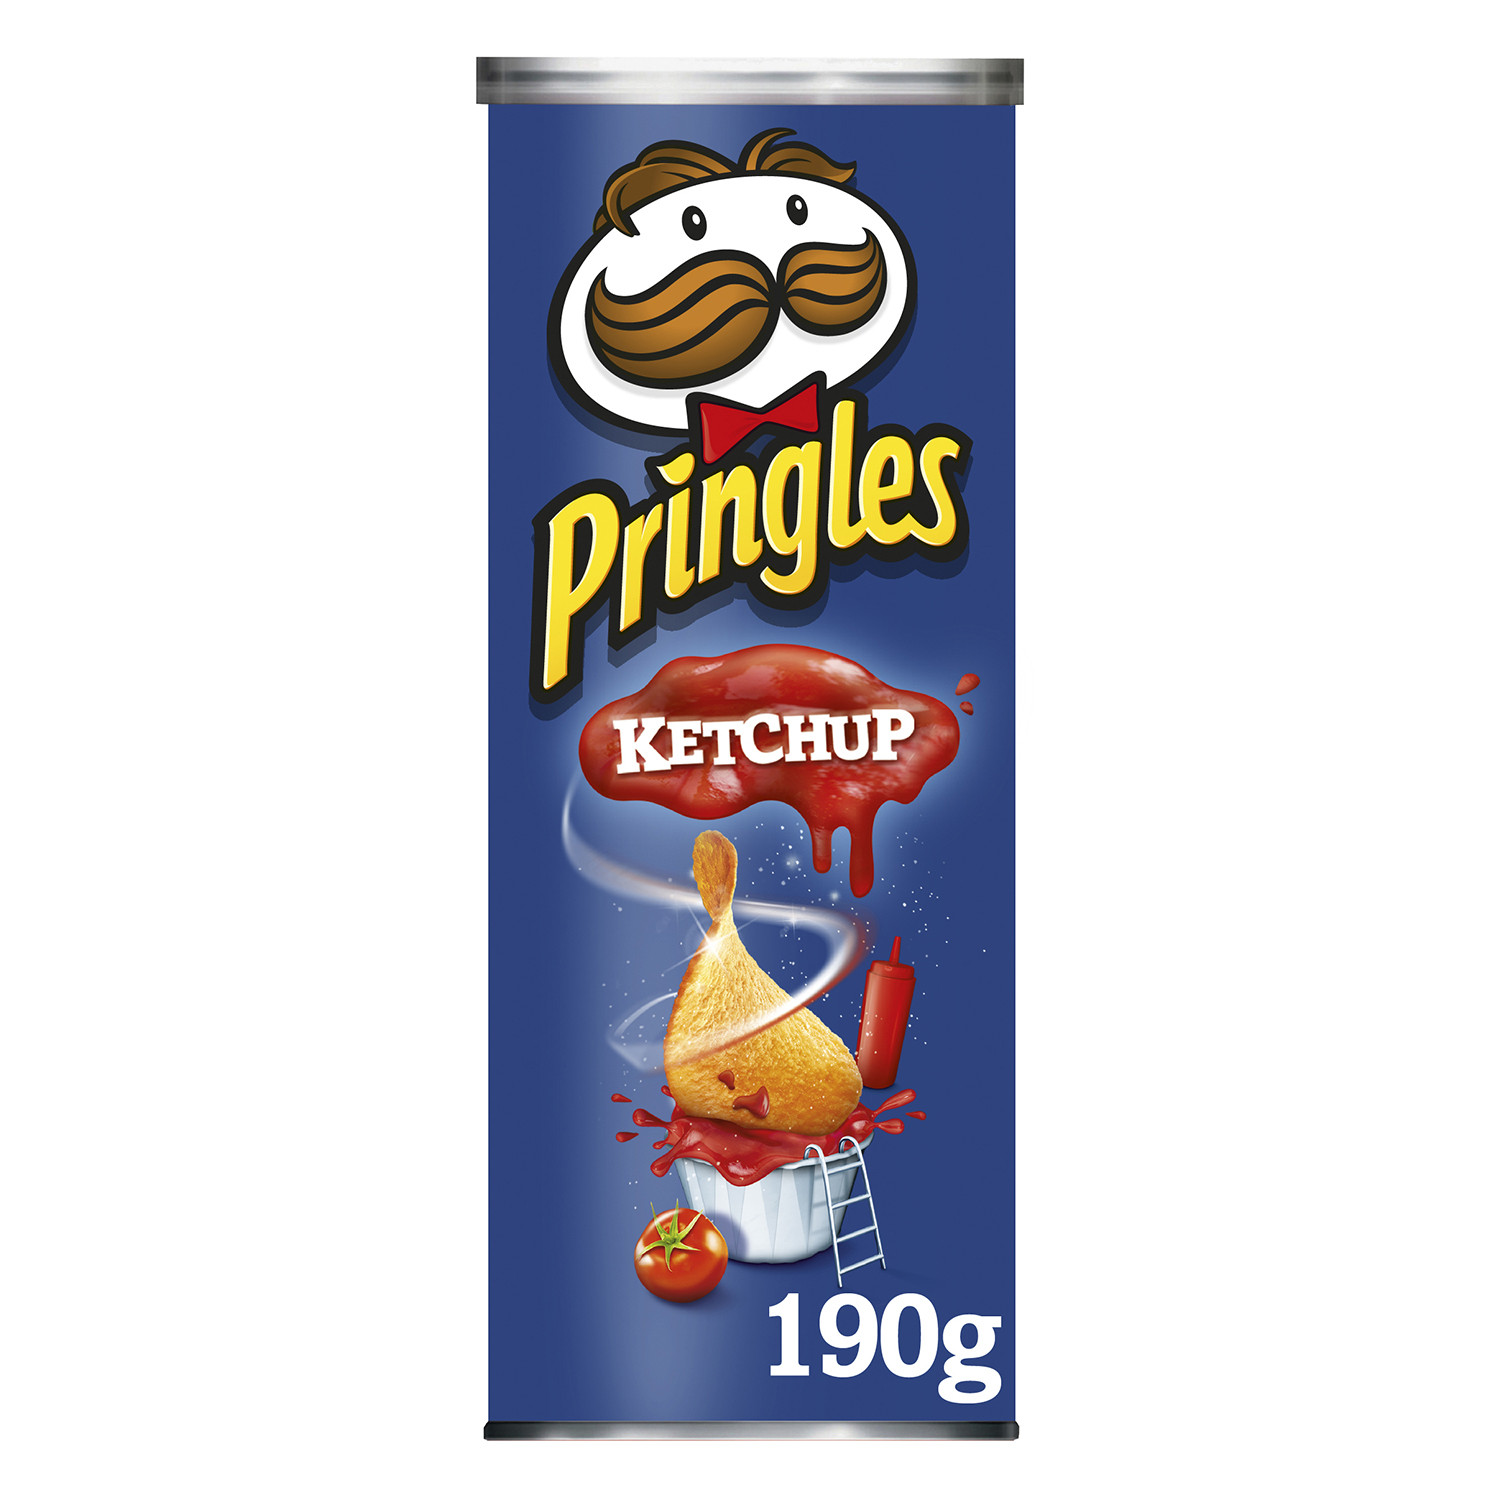 Snack de patatas ketchup